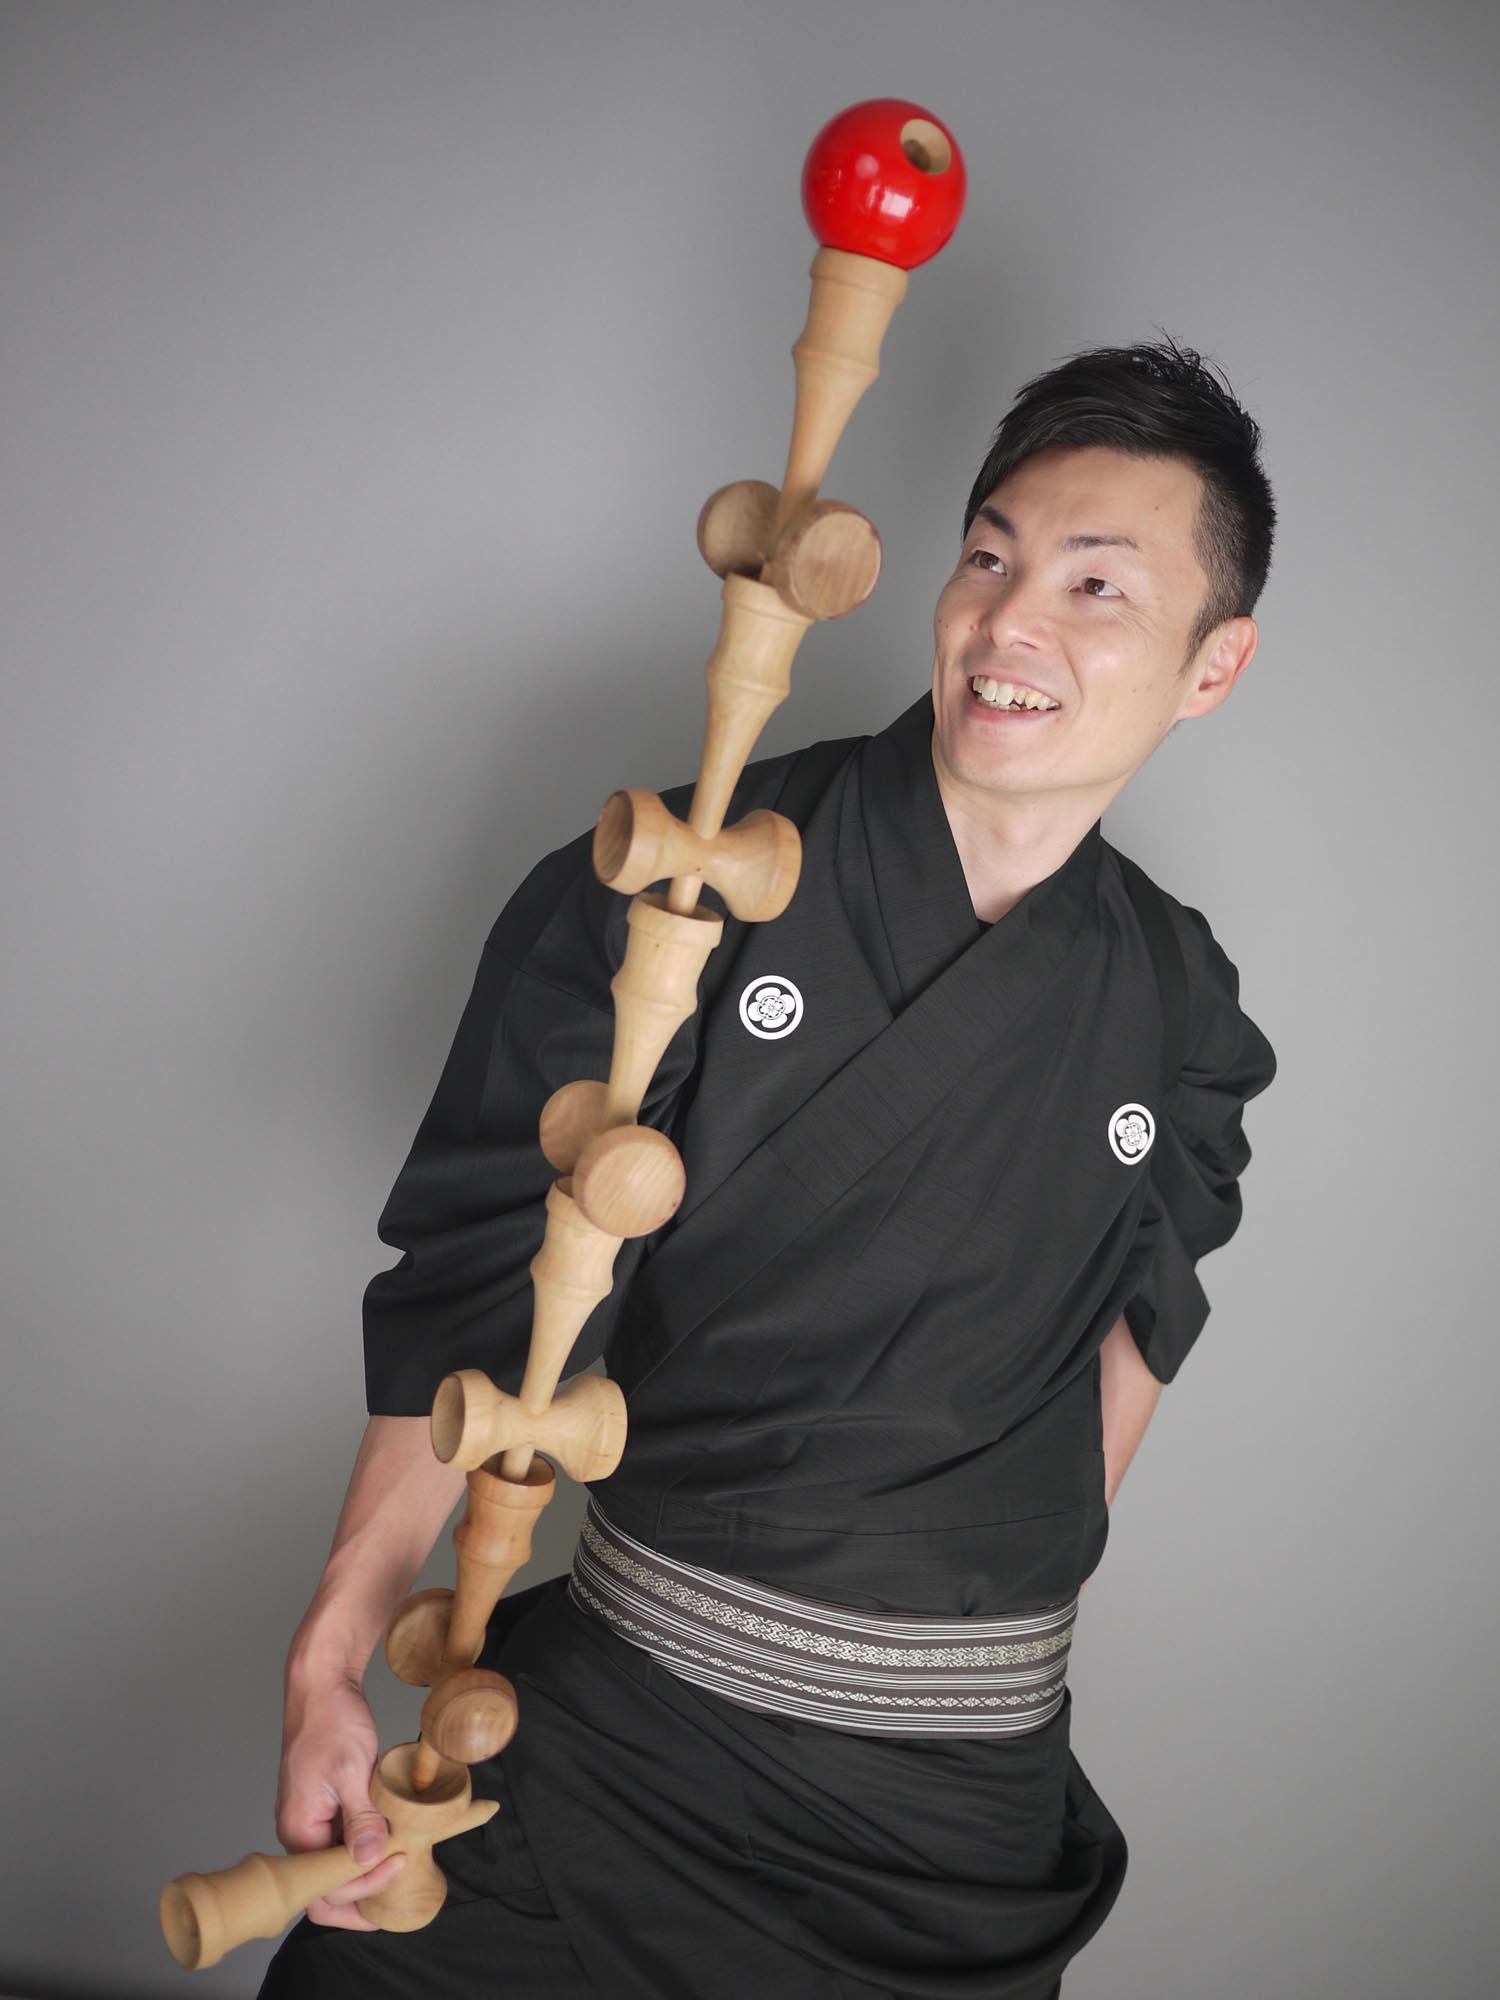 けん玉スーパーパフォーマンス 伊藤祐介